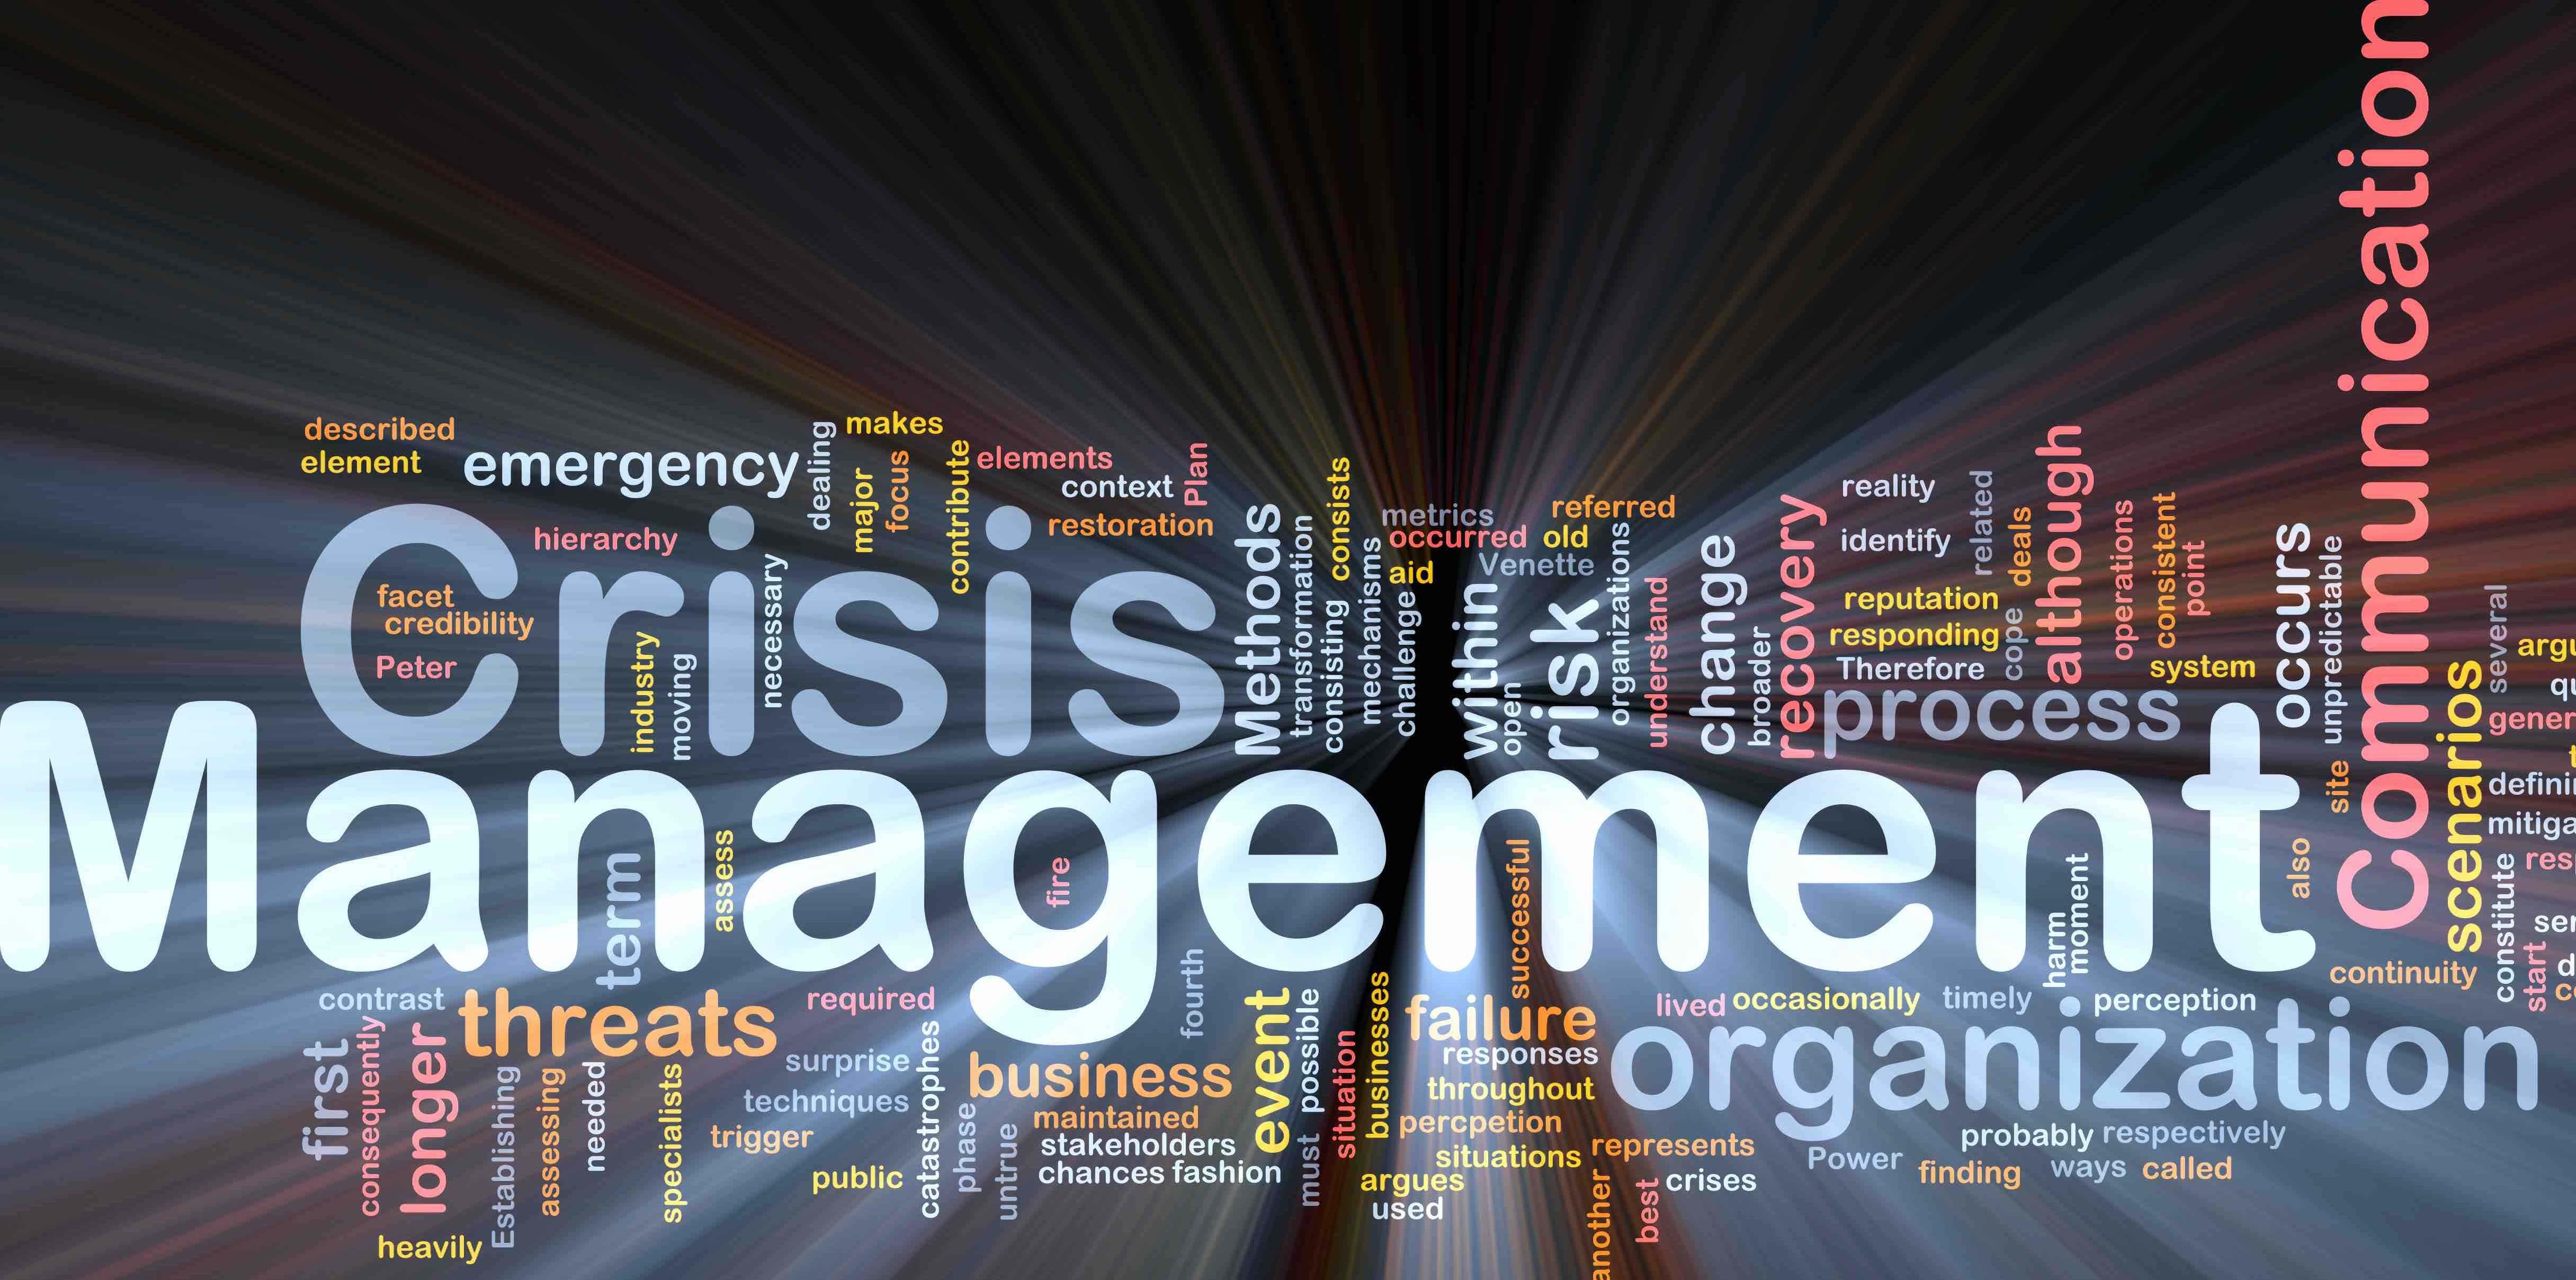 Was müssen Sie tun, um die Krise zu meistern? 7 Tipps für ein erfolgreiches Krisen-Management: